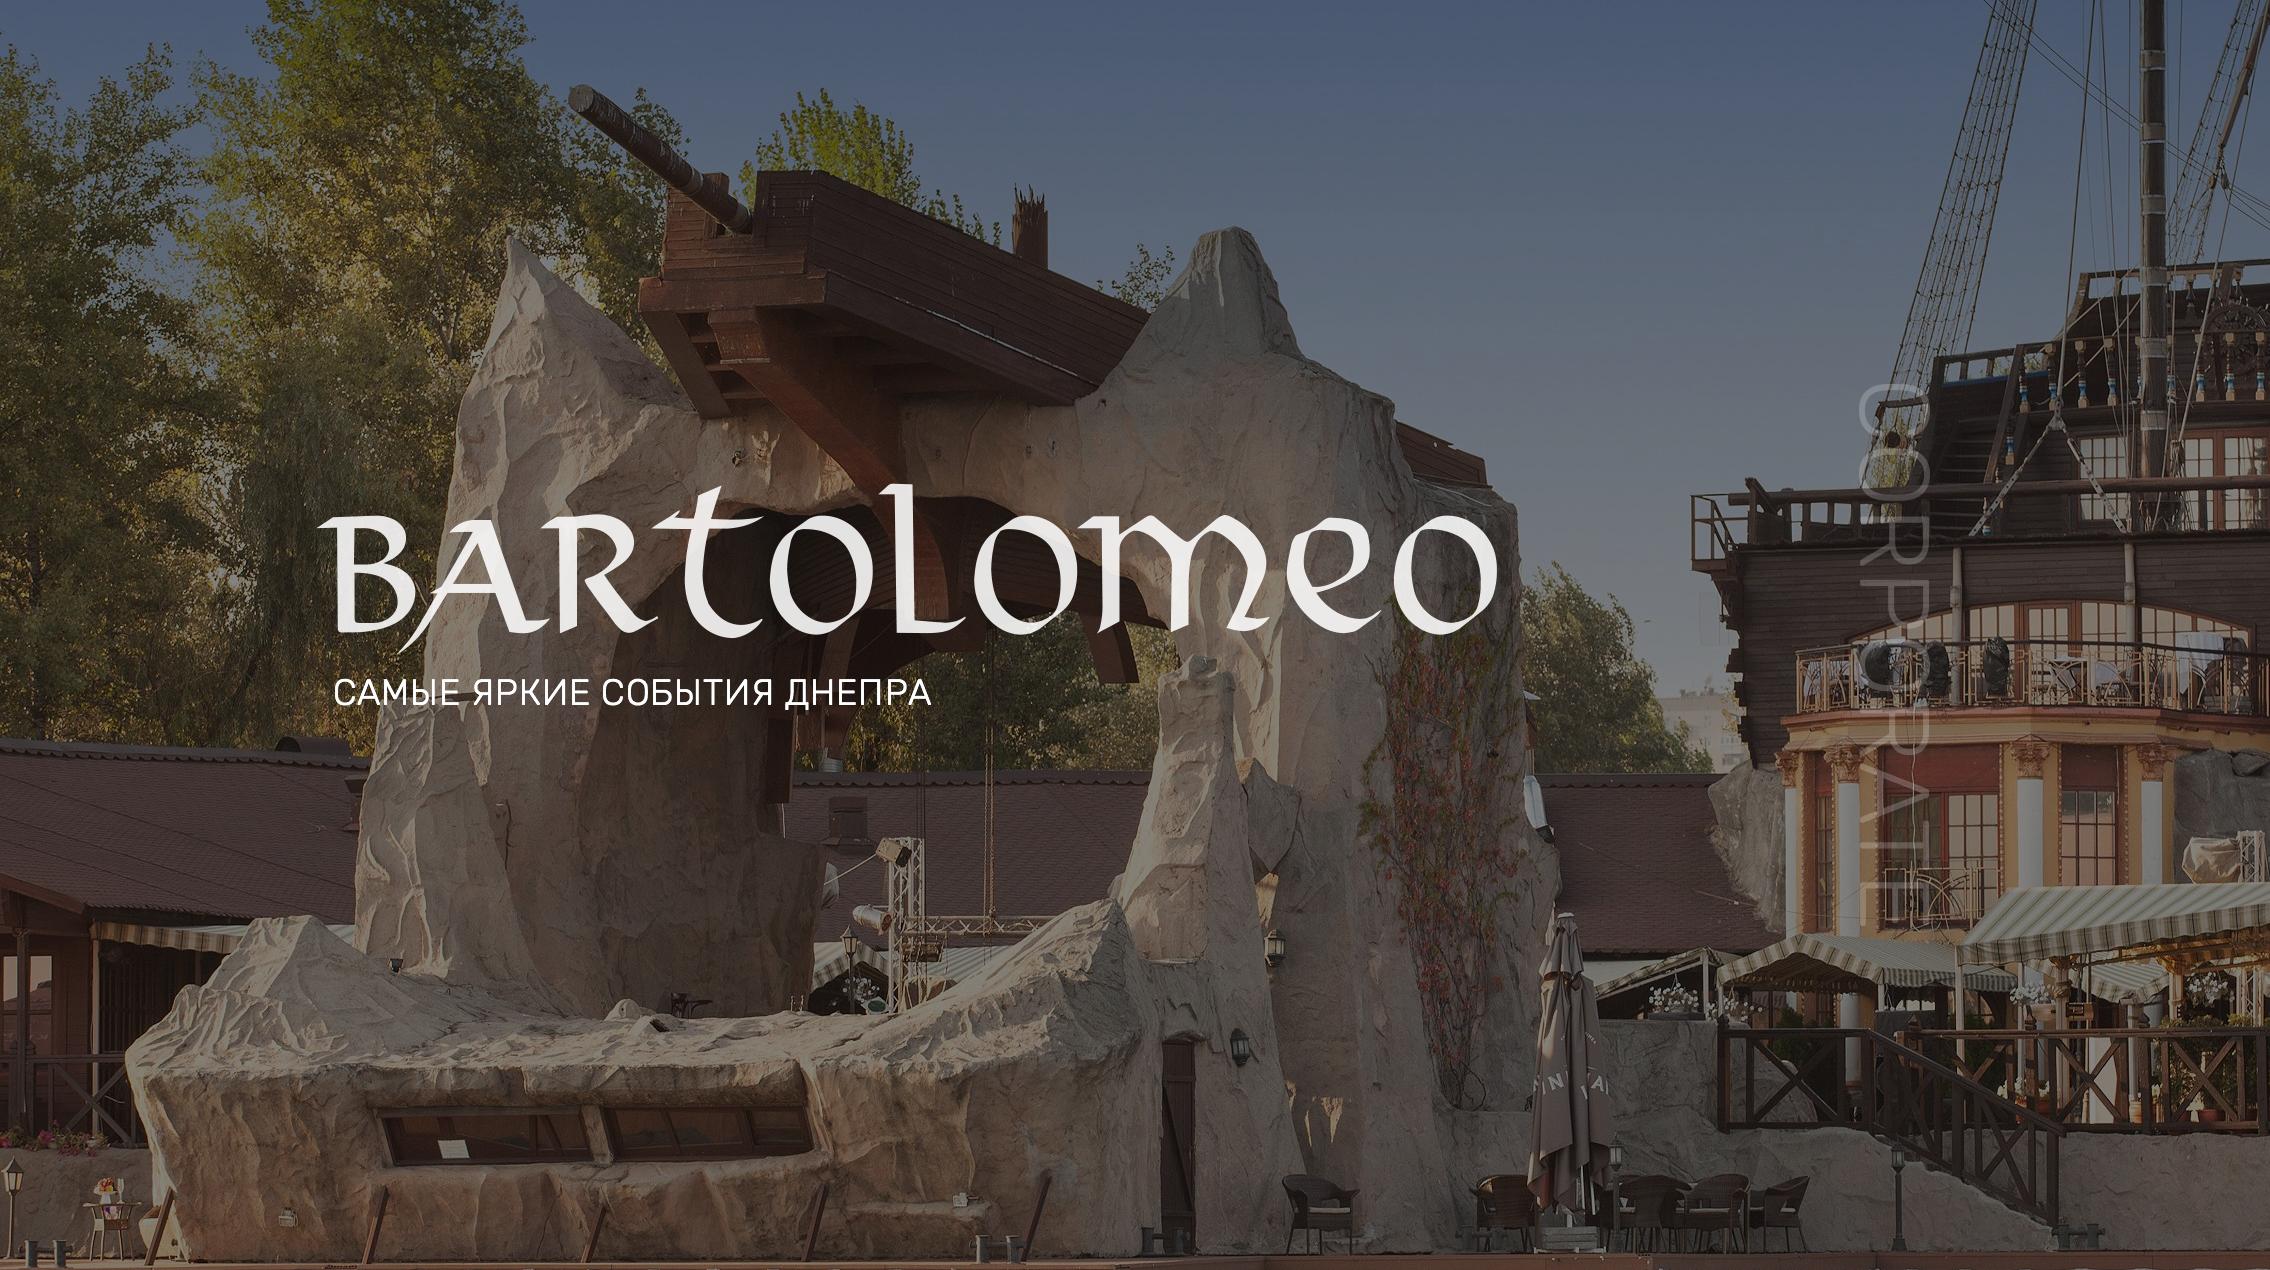 Створення корпоративного сайту Bartolomeo Best River Resort